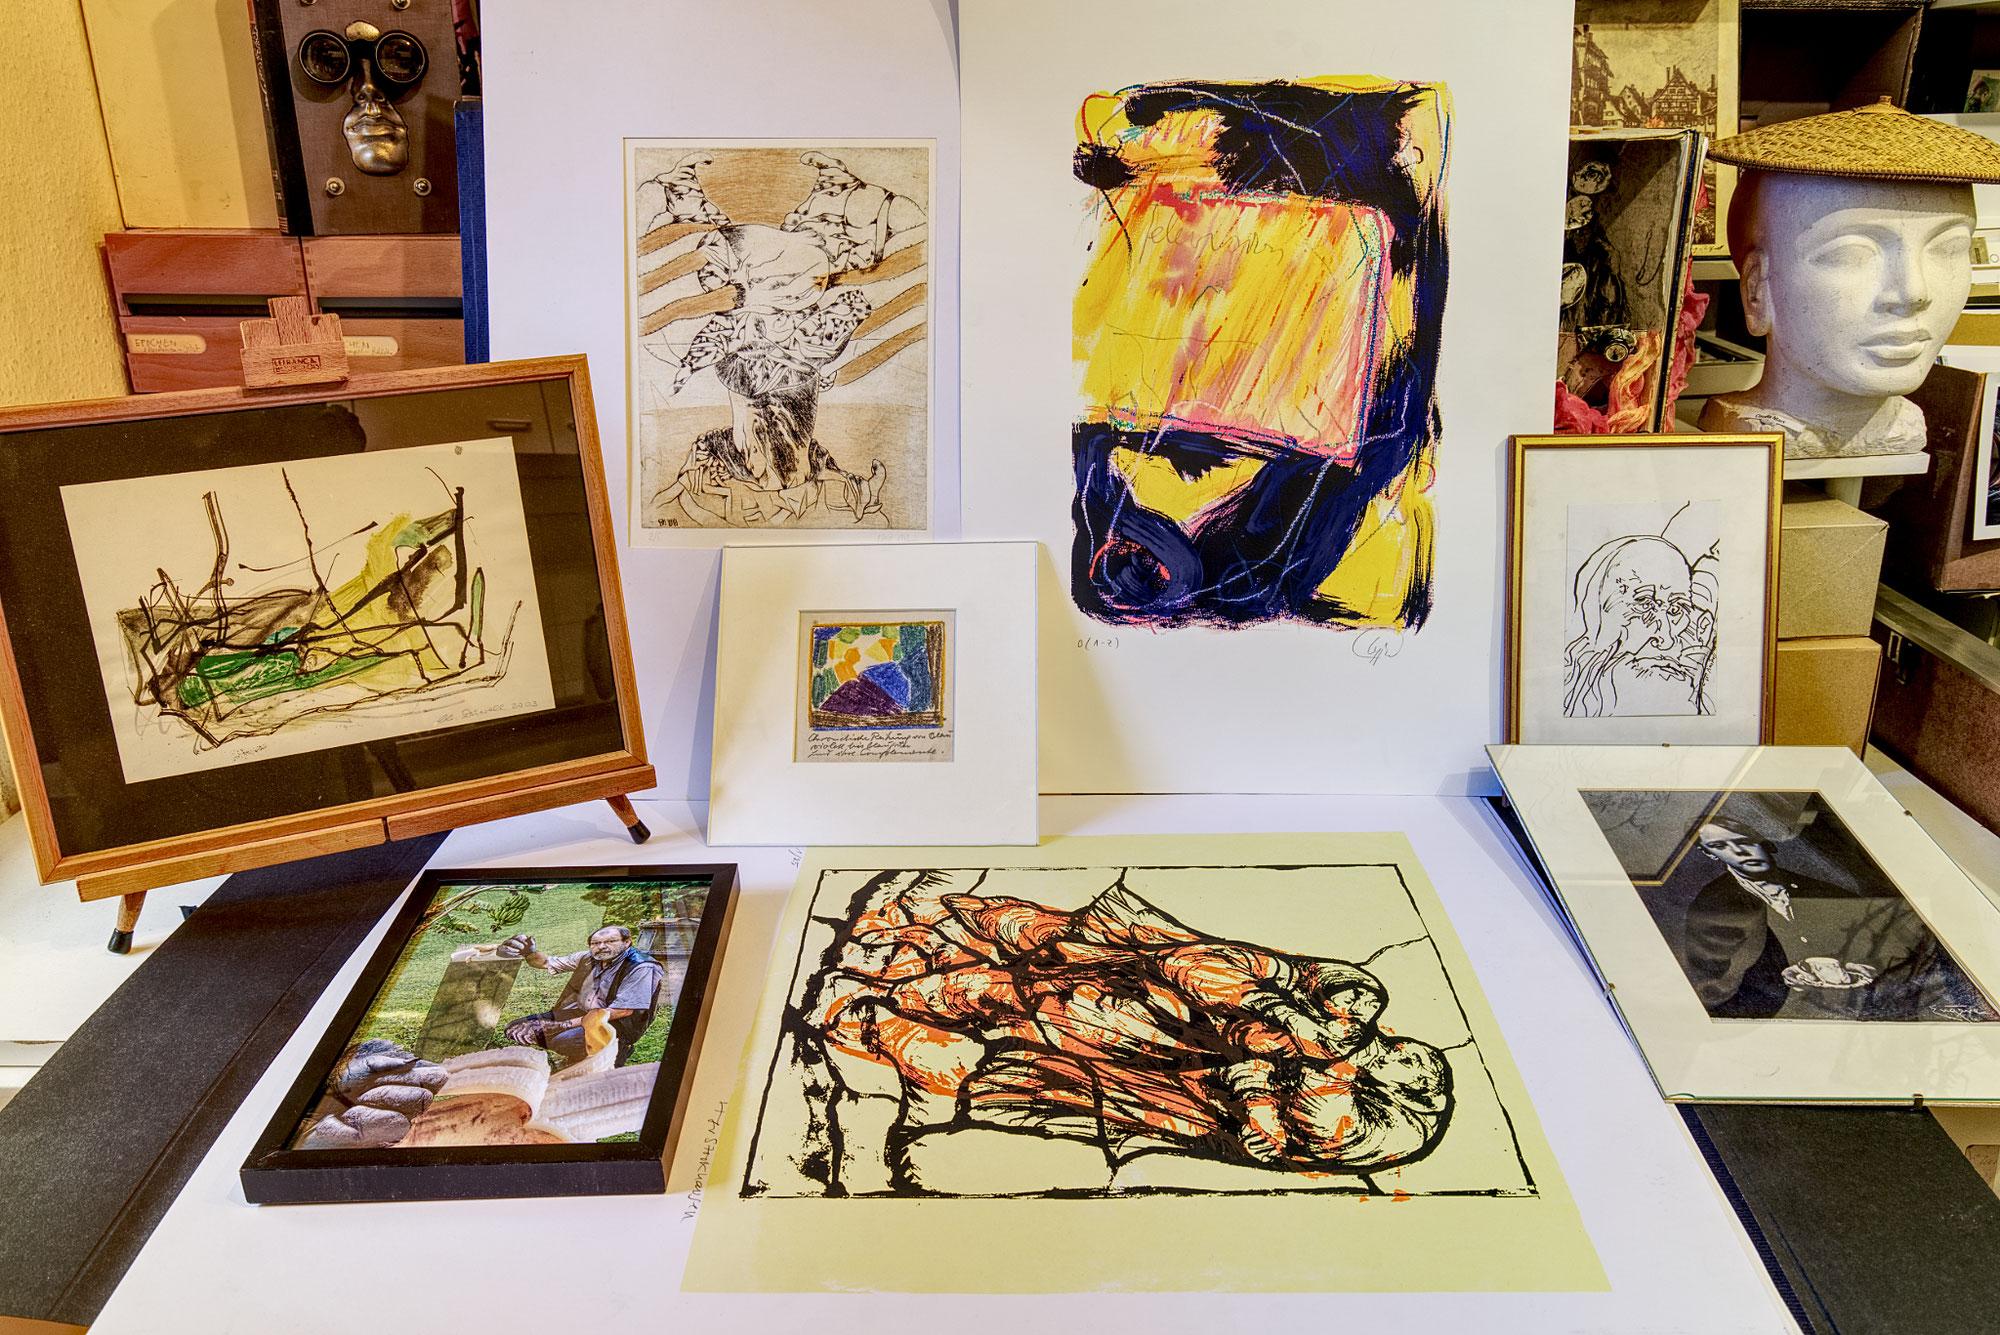 Ausstellung aus dem InterArt-Fundus – Aus allen künstlerischen Disziplinen